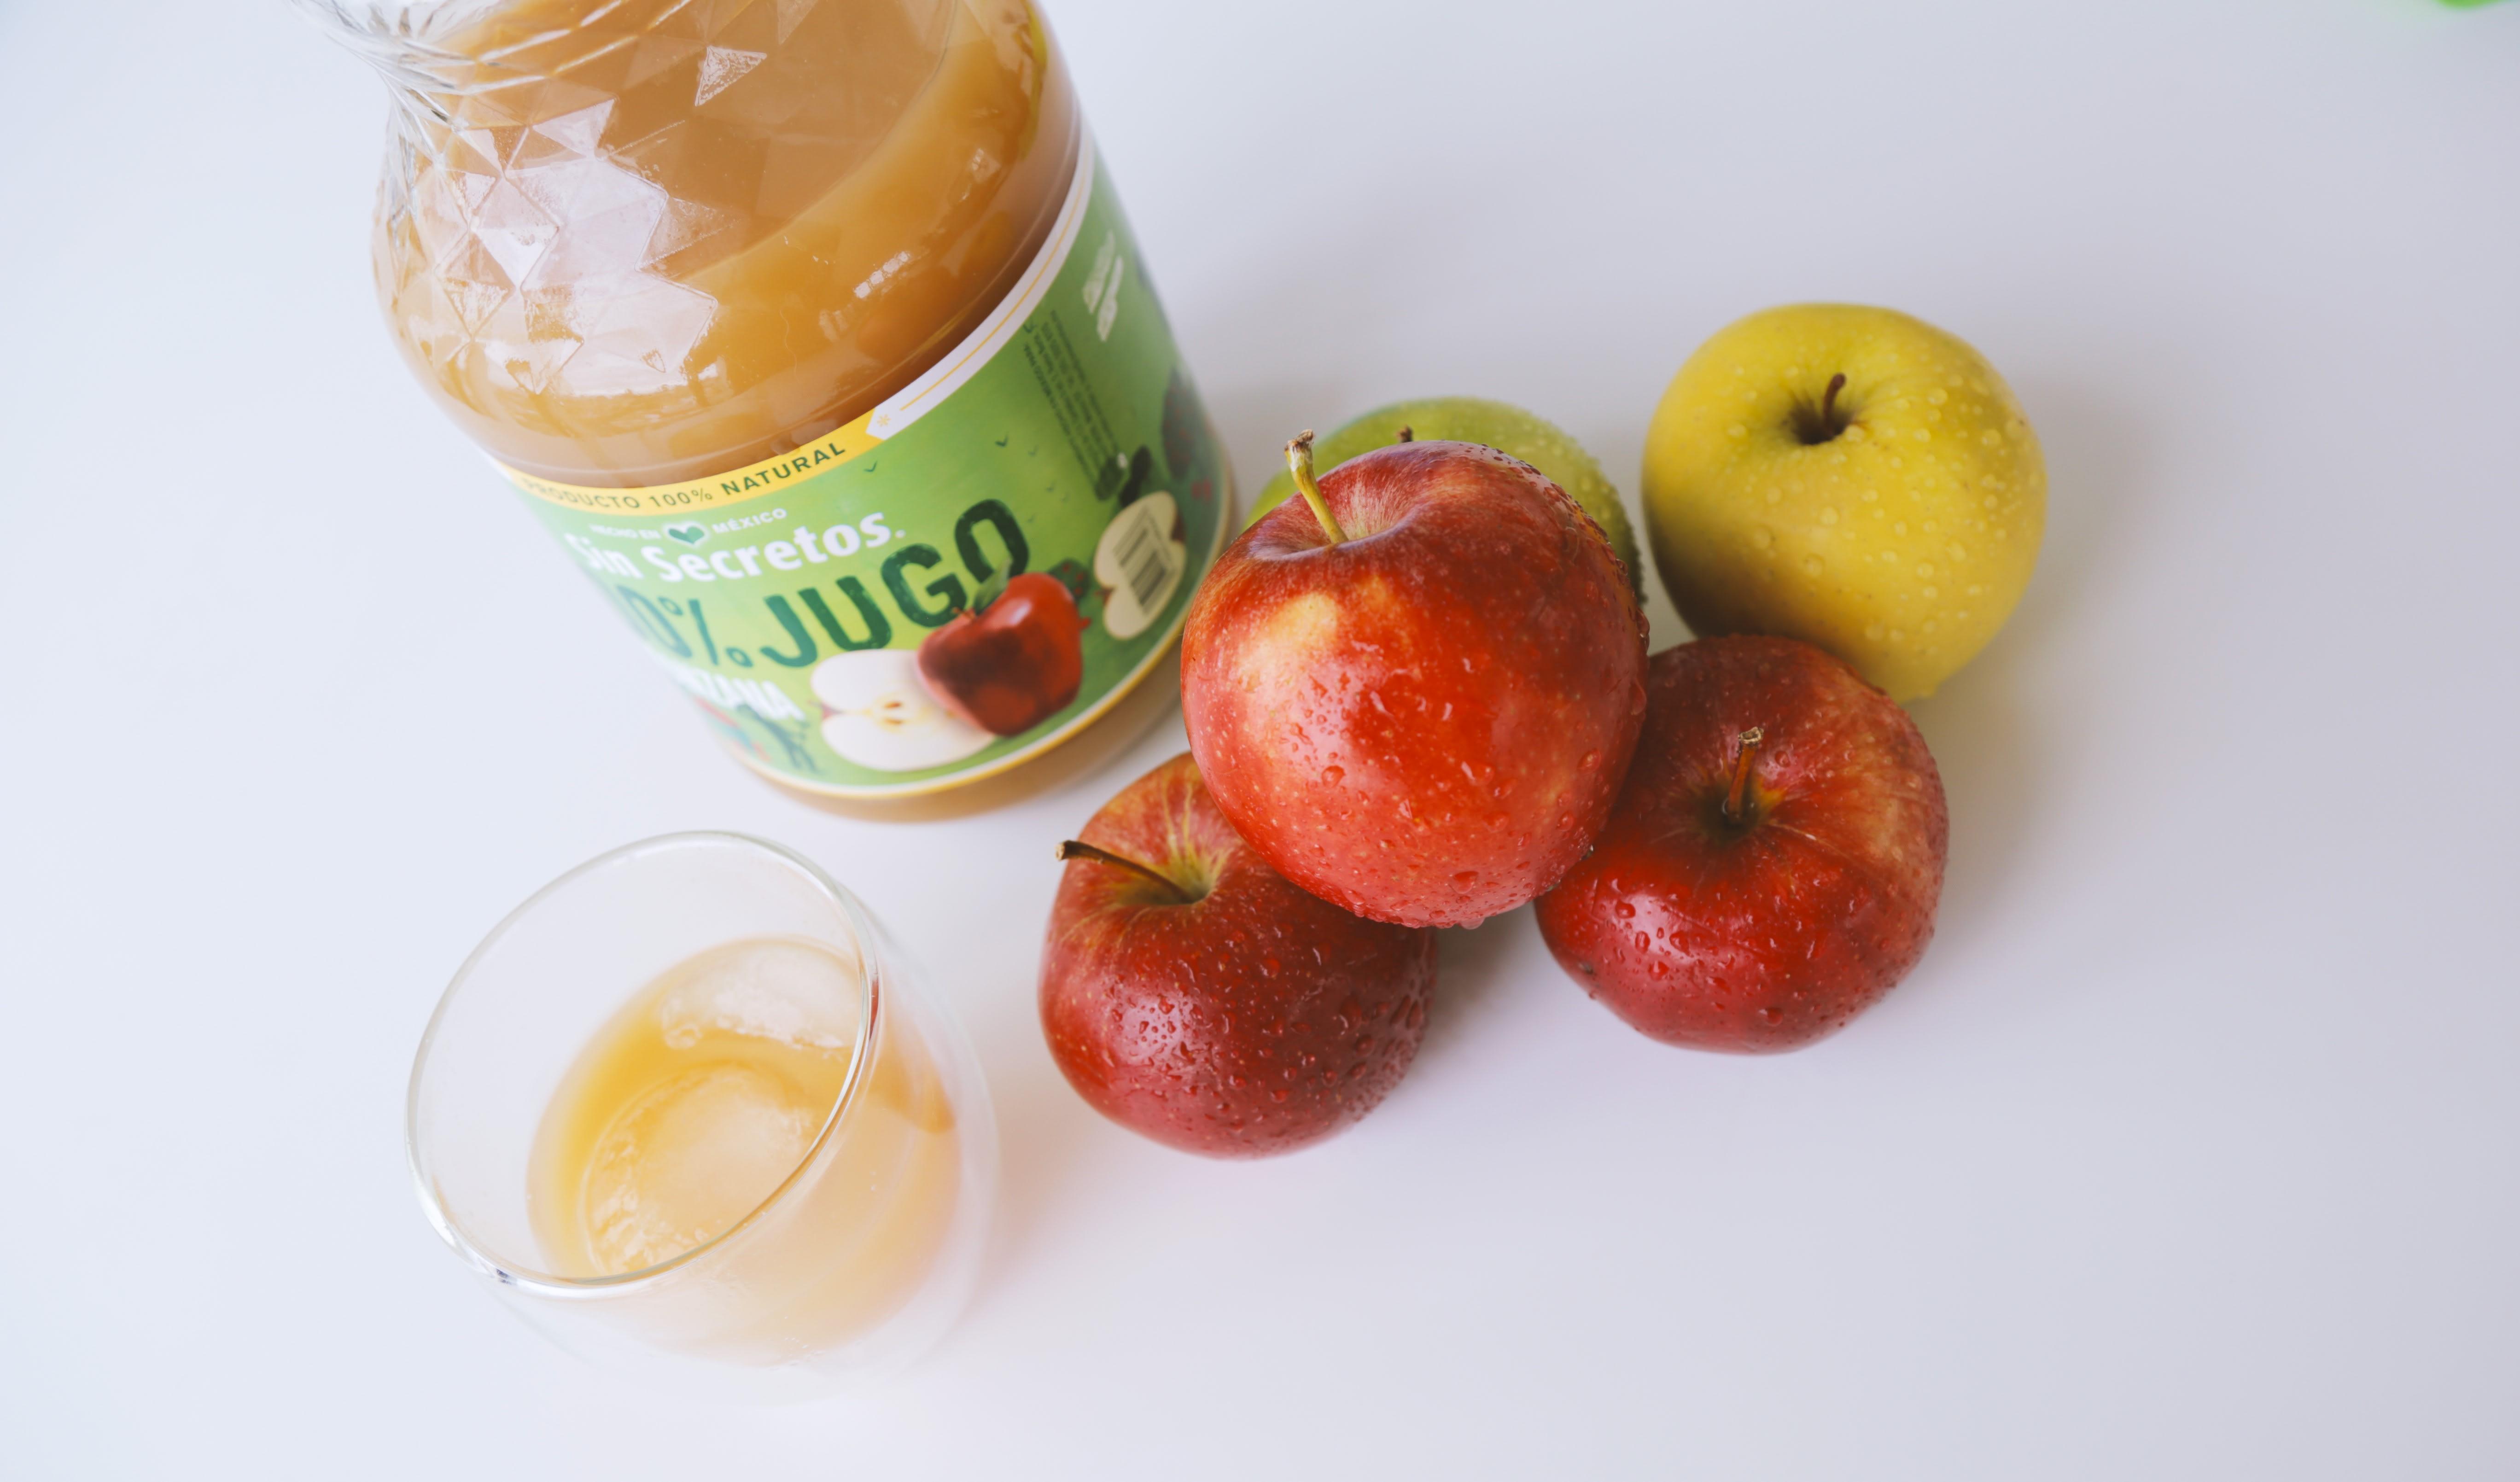 Jugo de manzana Frutos de vida